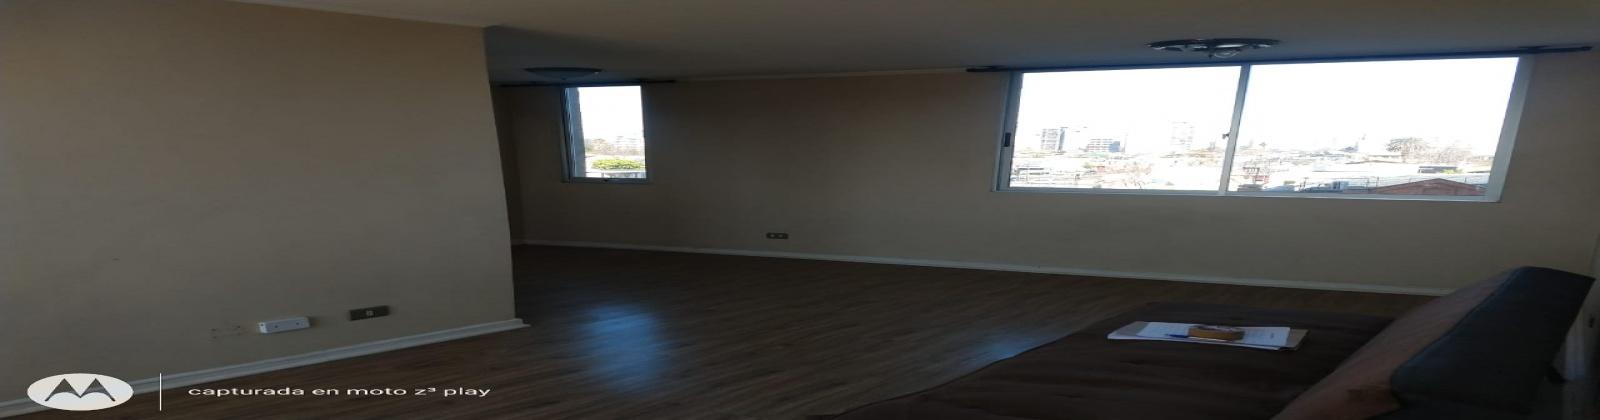 4242 Mapocho, Quinta Normal, R. Metropolitana, 3 Habitaciones Habitaciones, ,2 BathroomsBathrooms,Departamento,Arriendo,Mapocho,1065